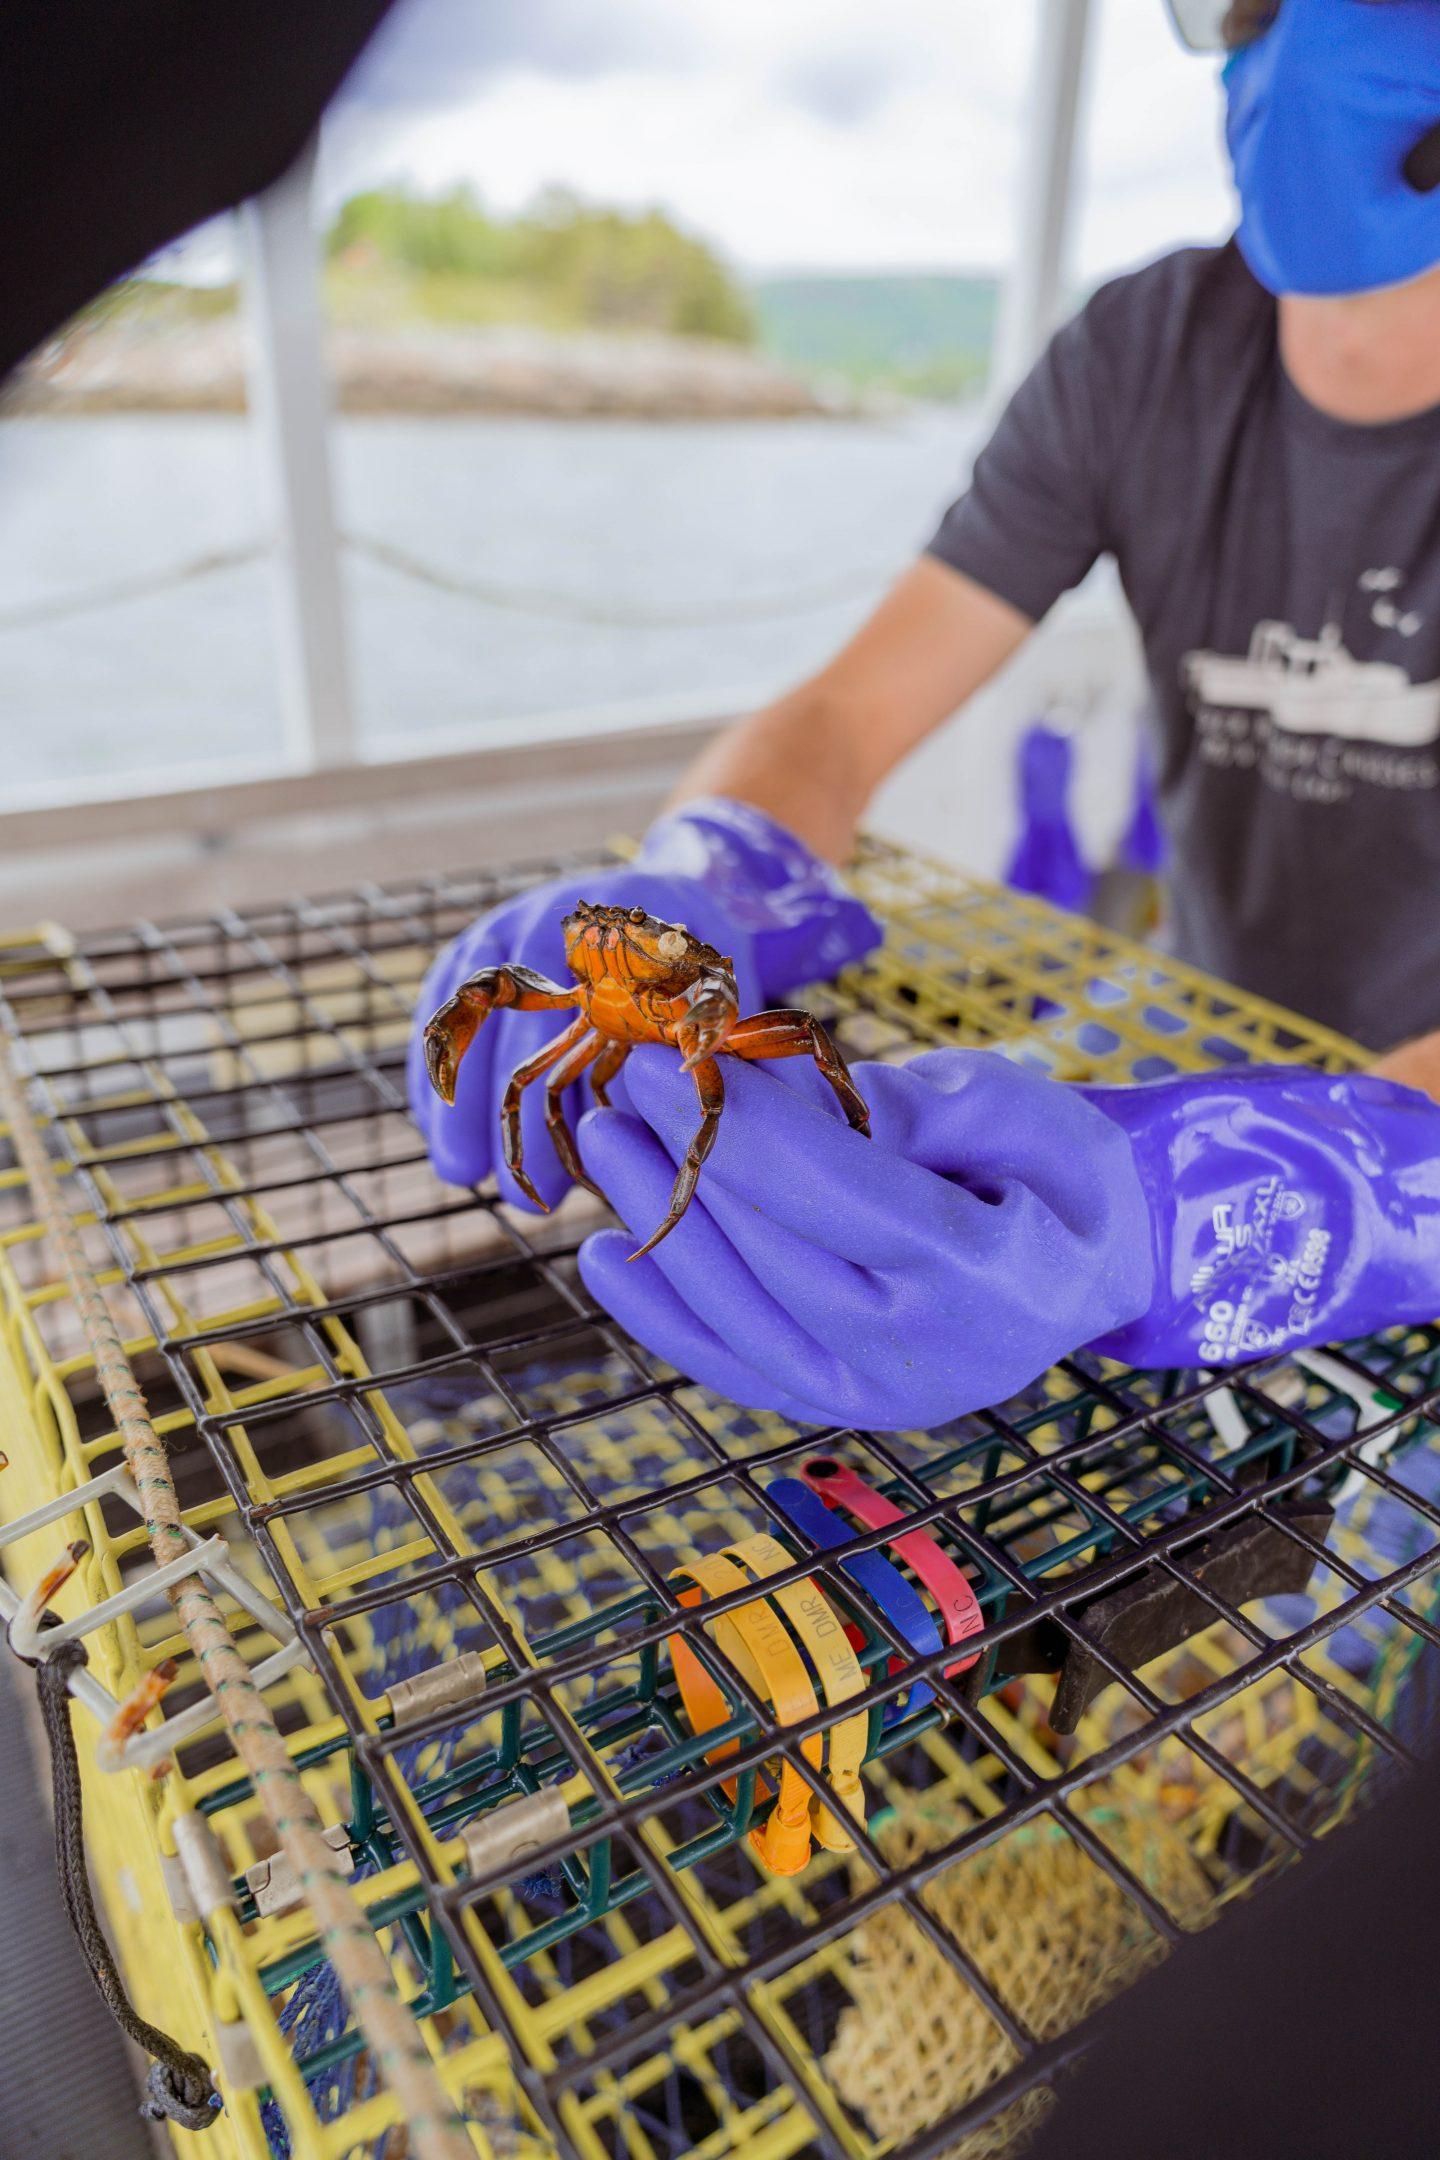 livinglesh camden maine lobster boat tour